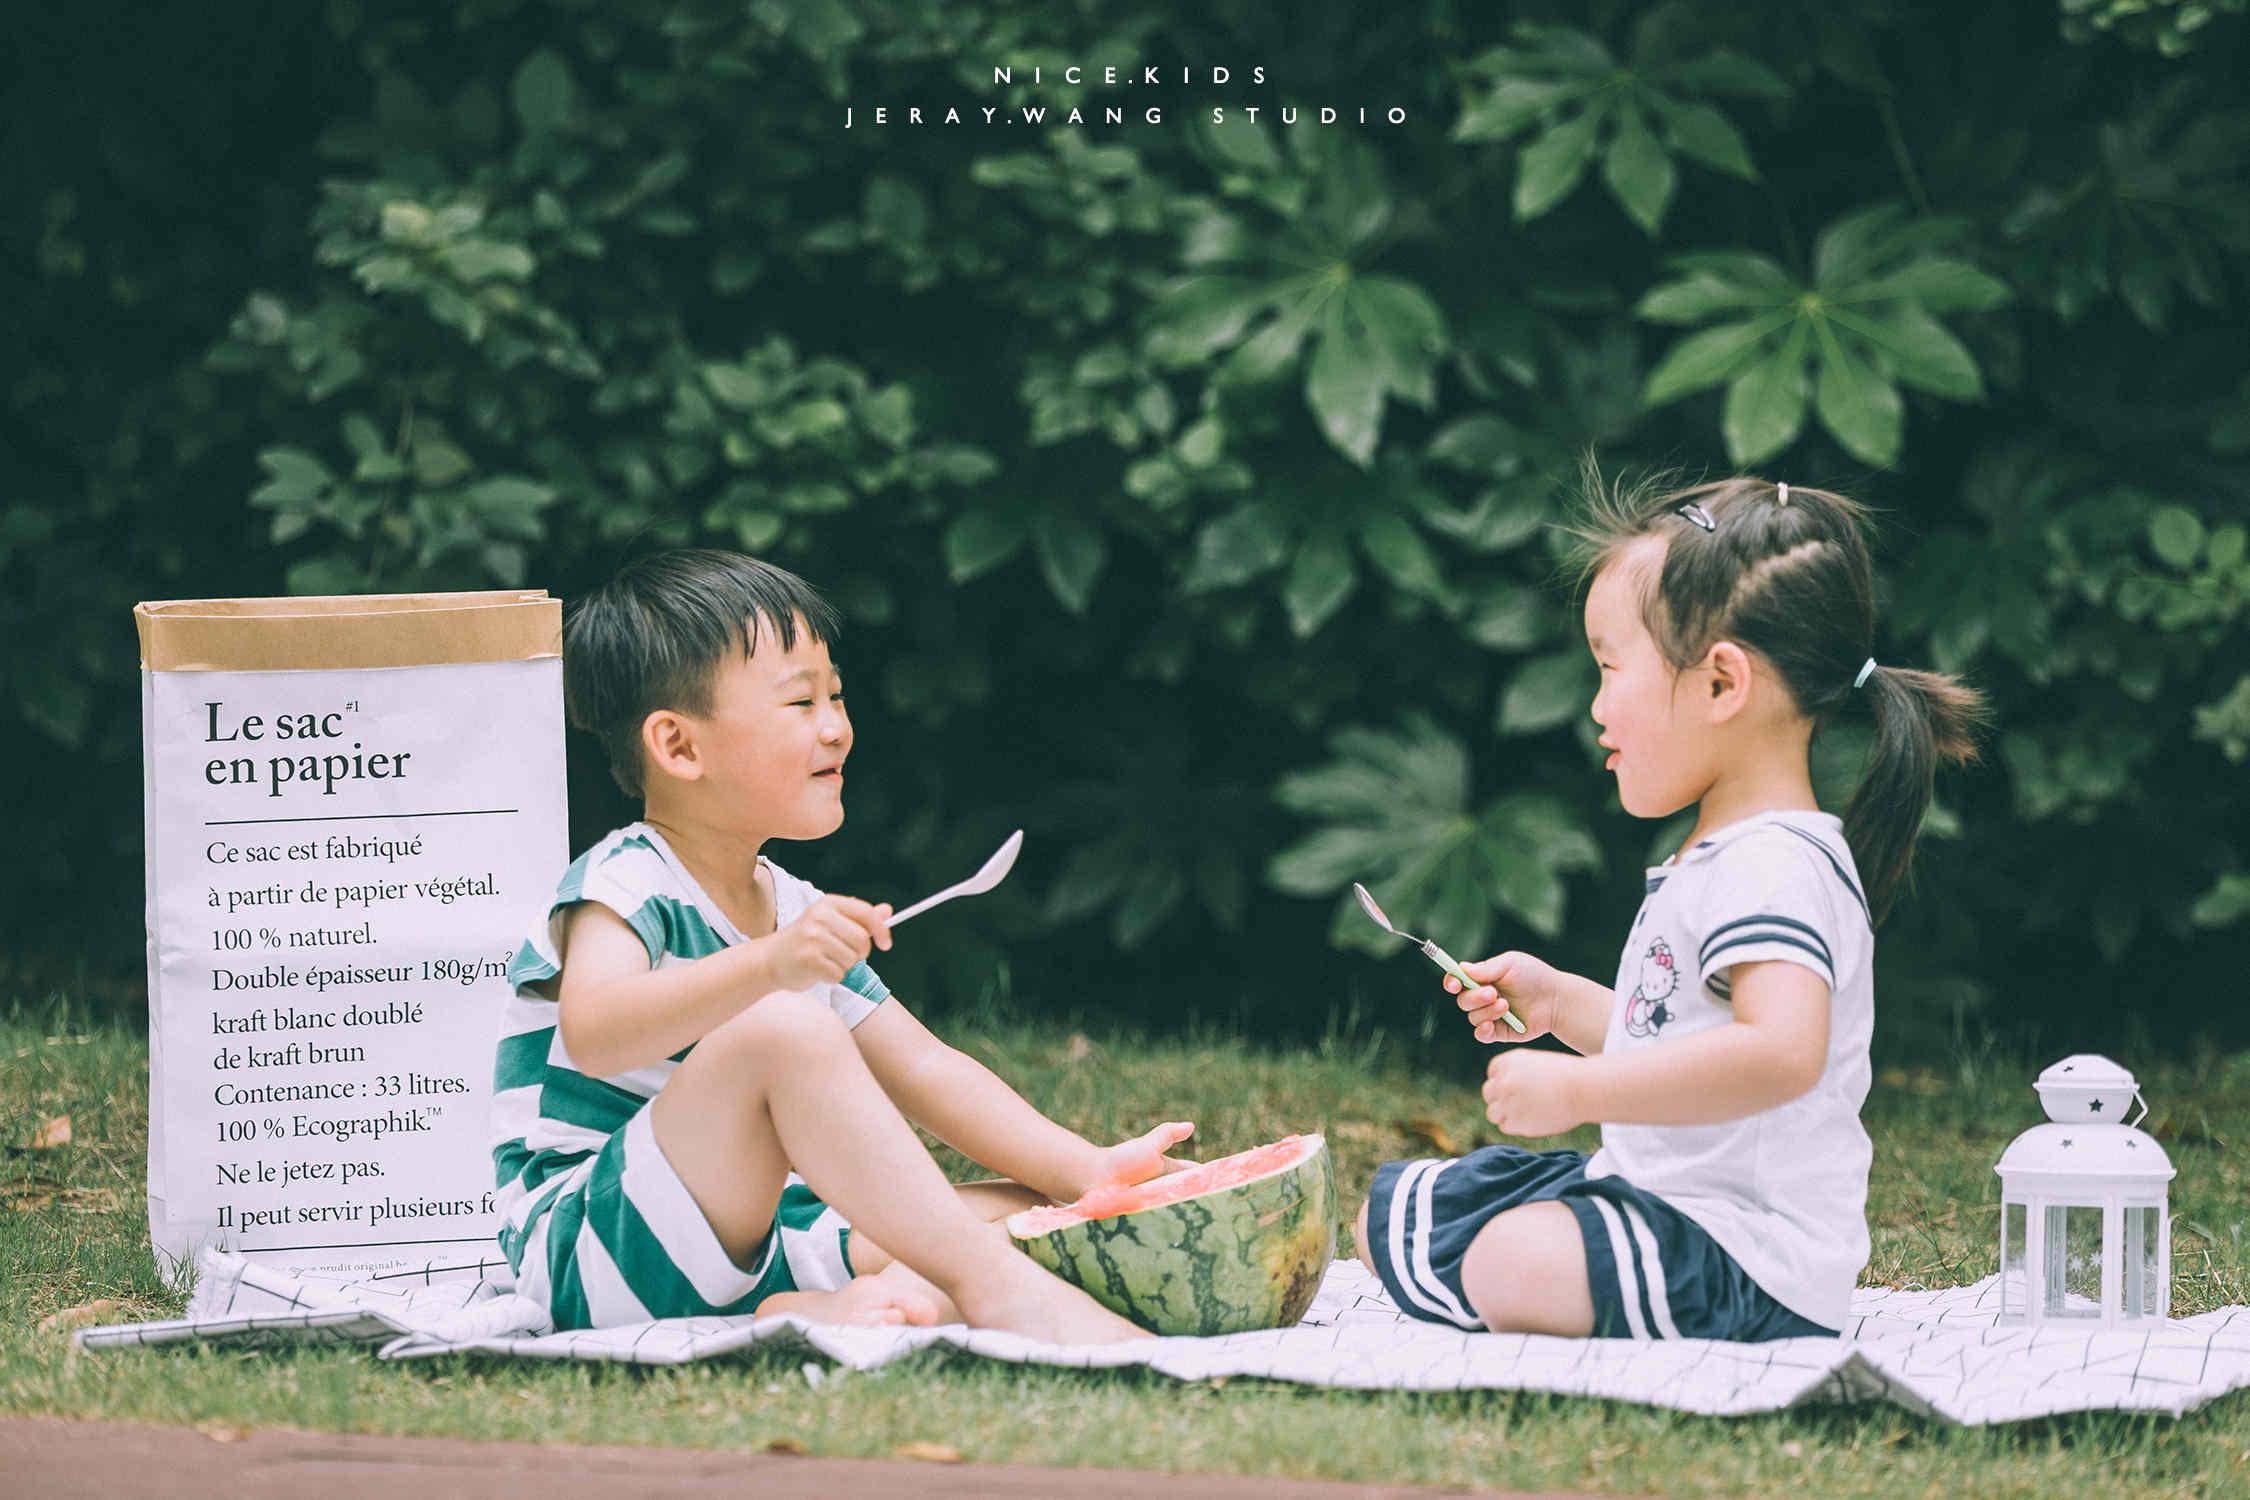 夏季啃西瓜主题-Jeray.Wang